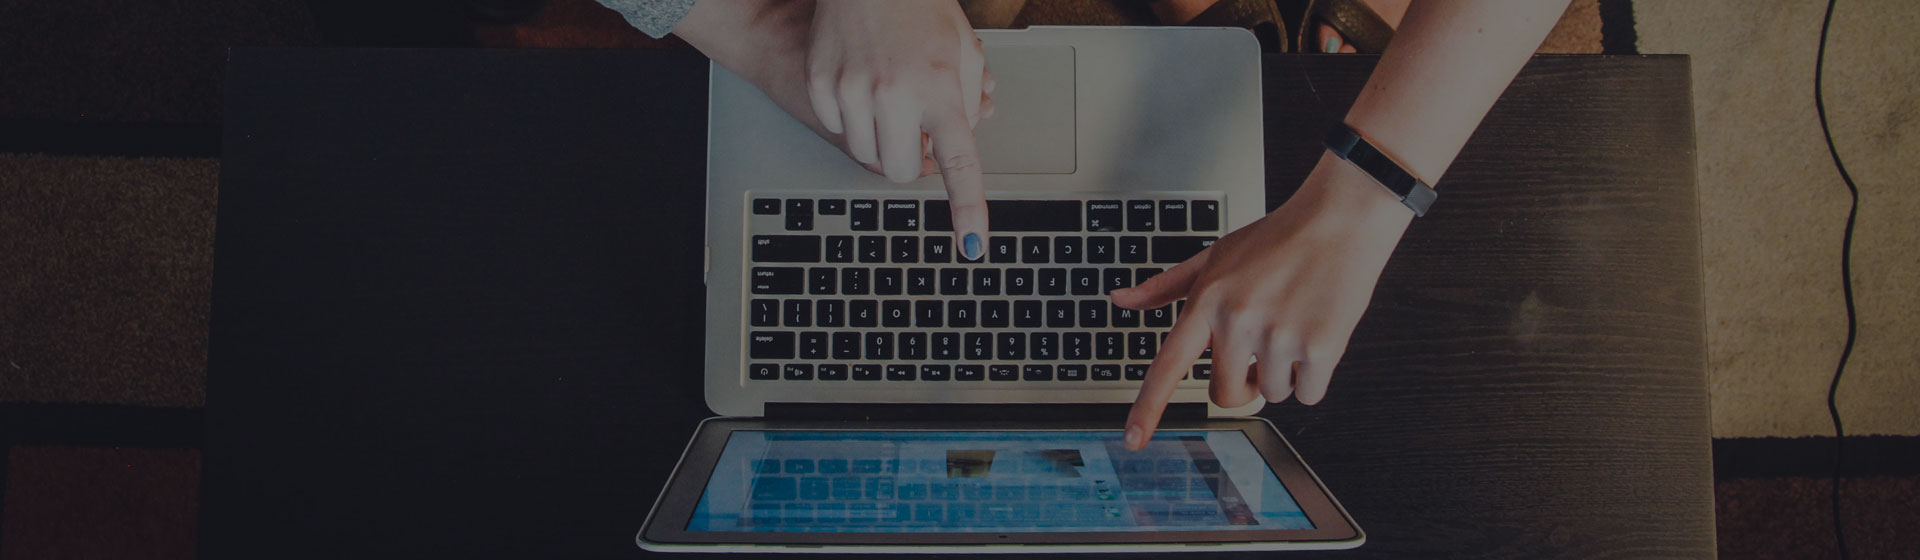 Alavancando as vendas com marketing digital